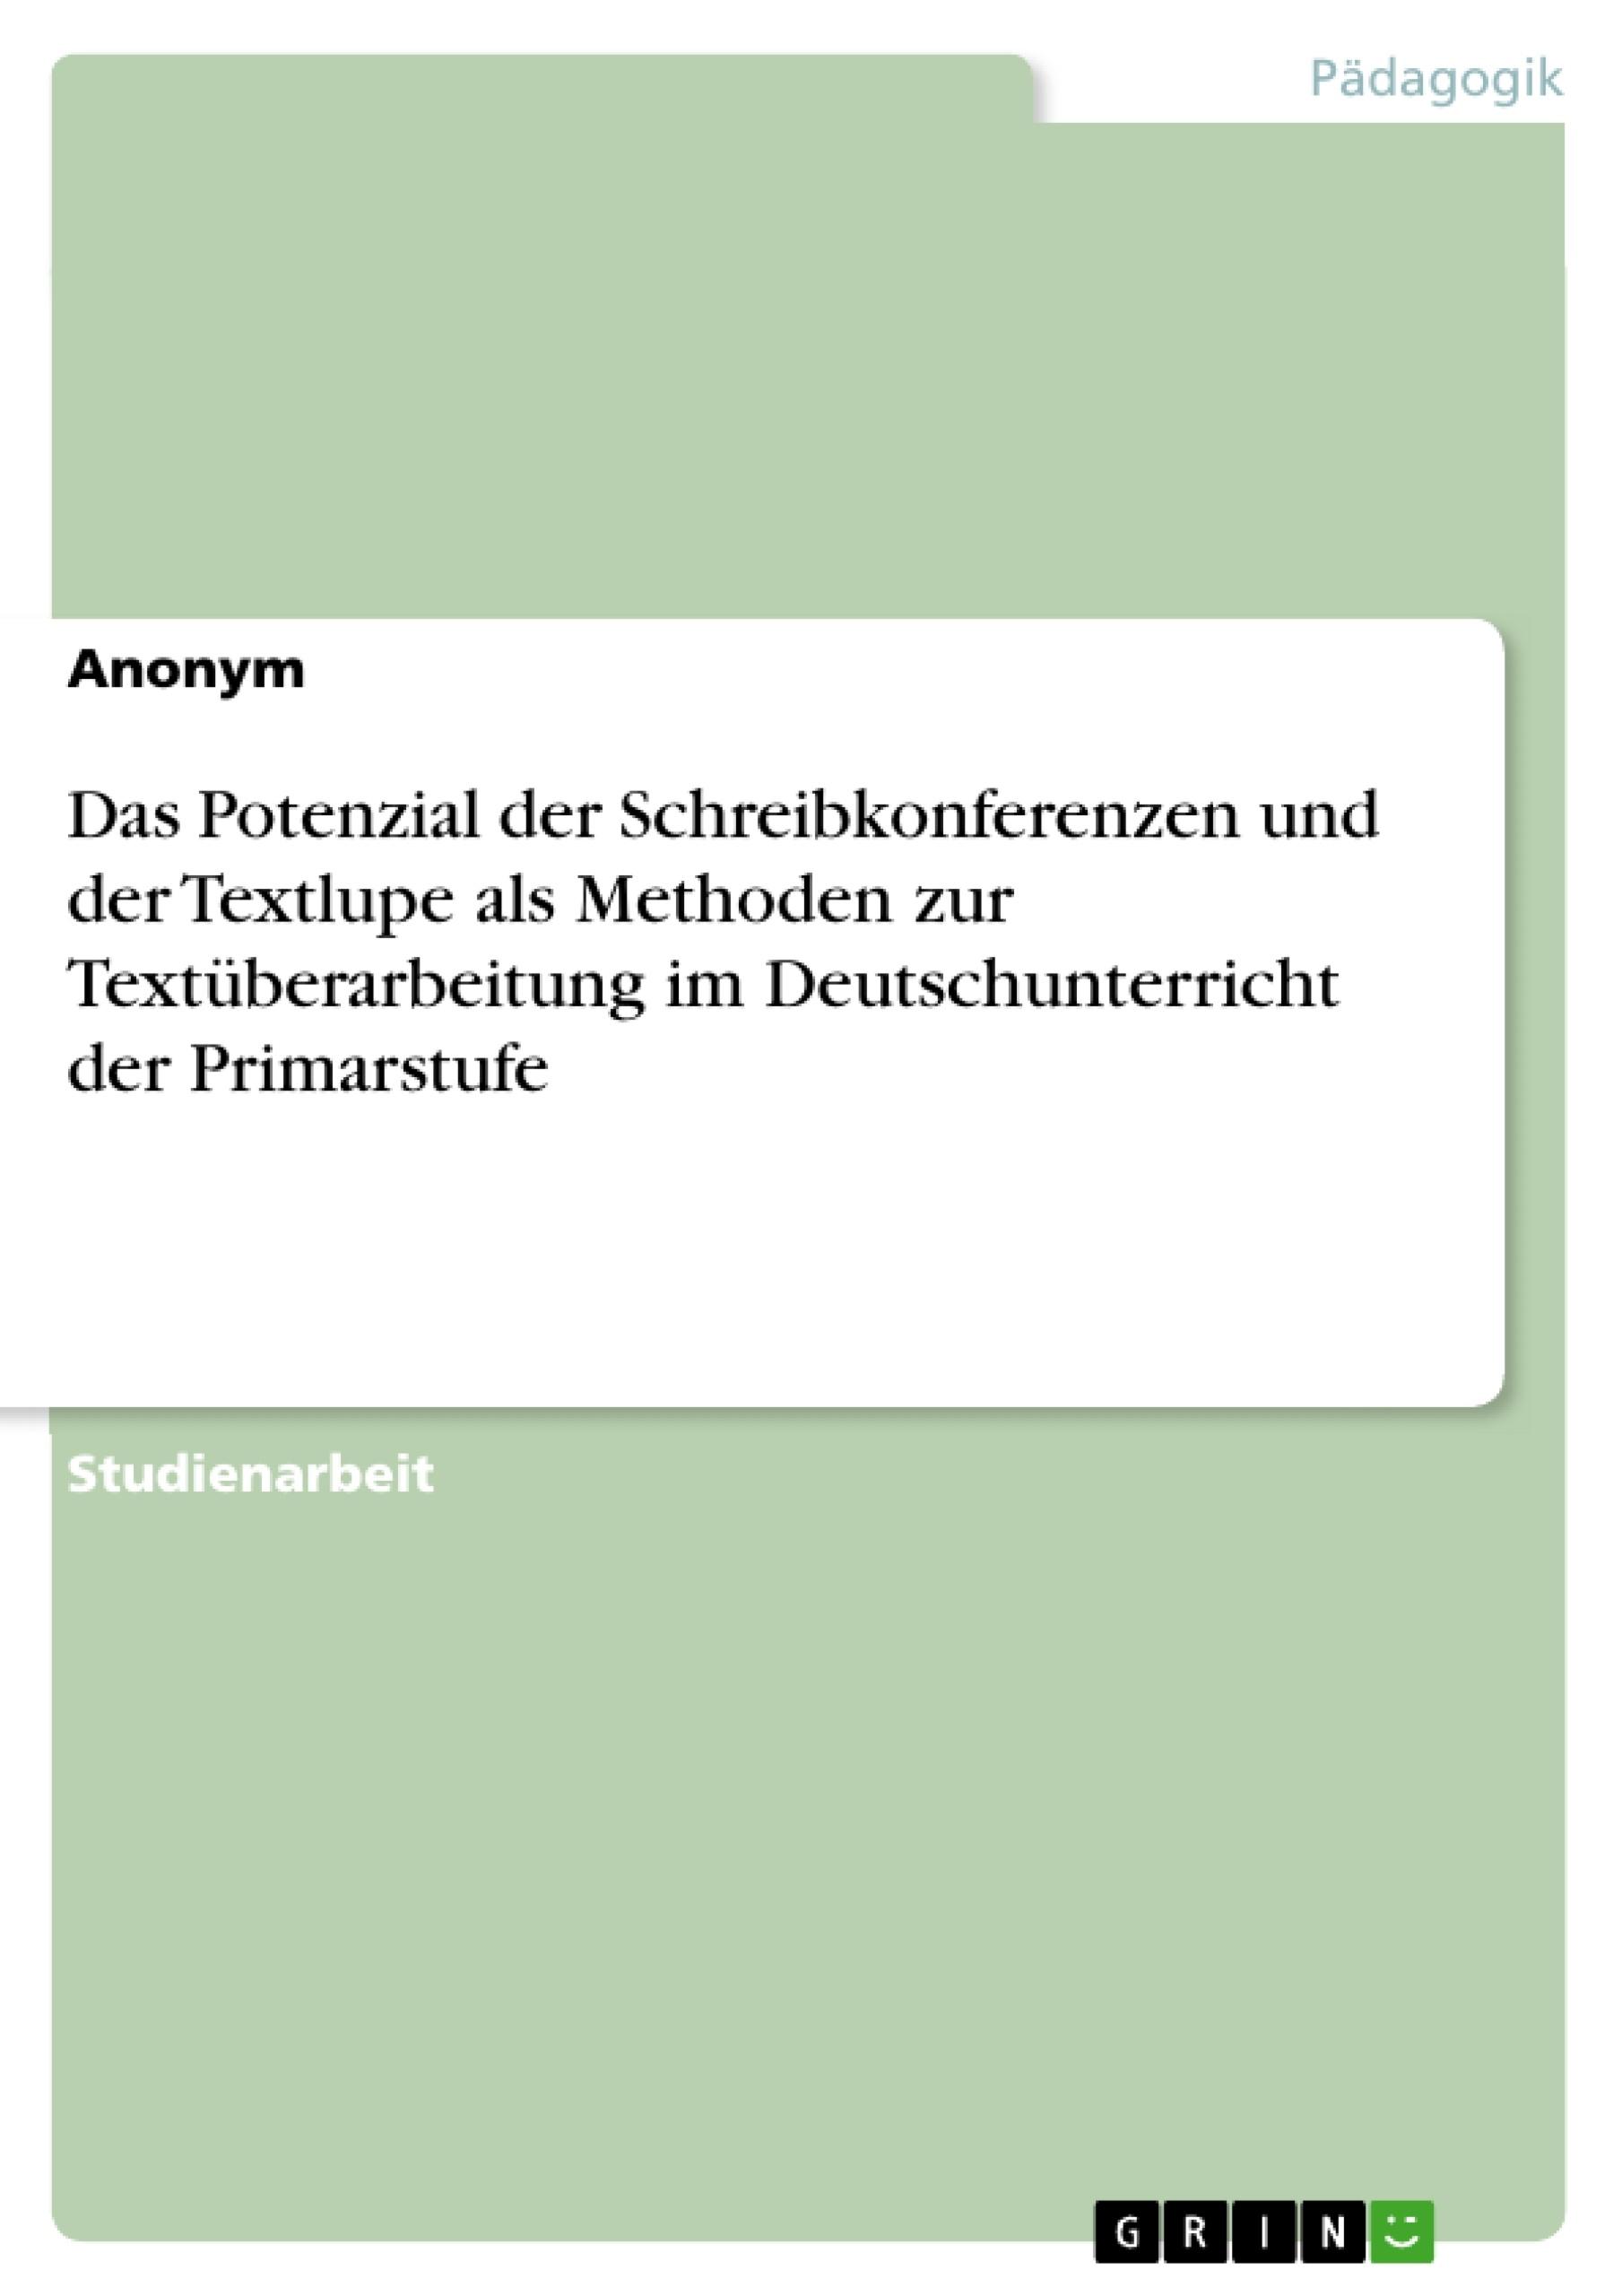 Titel: Das Potenzial der Schreibkonferenzen und der Textlupe als Methoden zur Textüberarbeitung im Deutschunterricht der Primarstufe